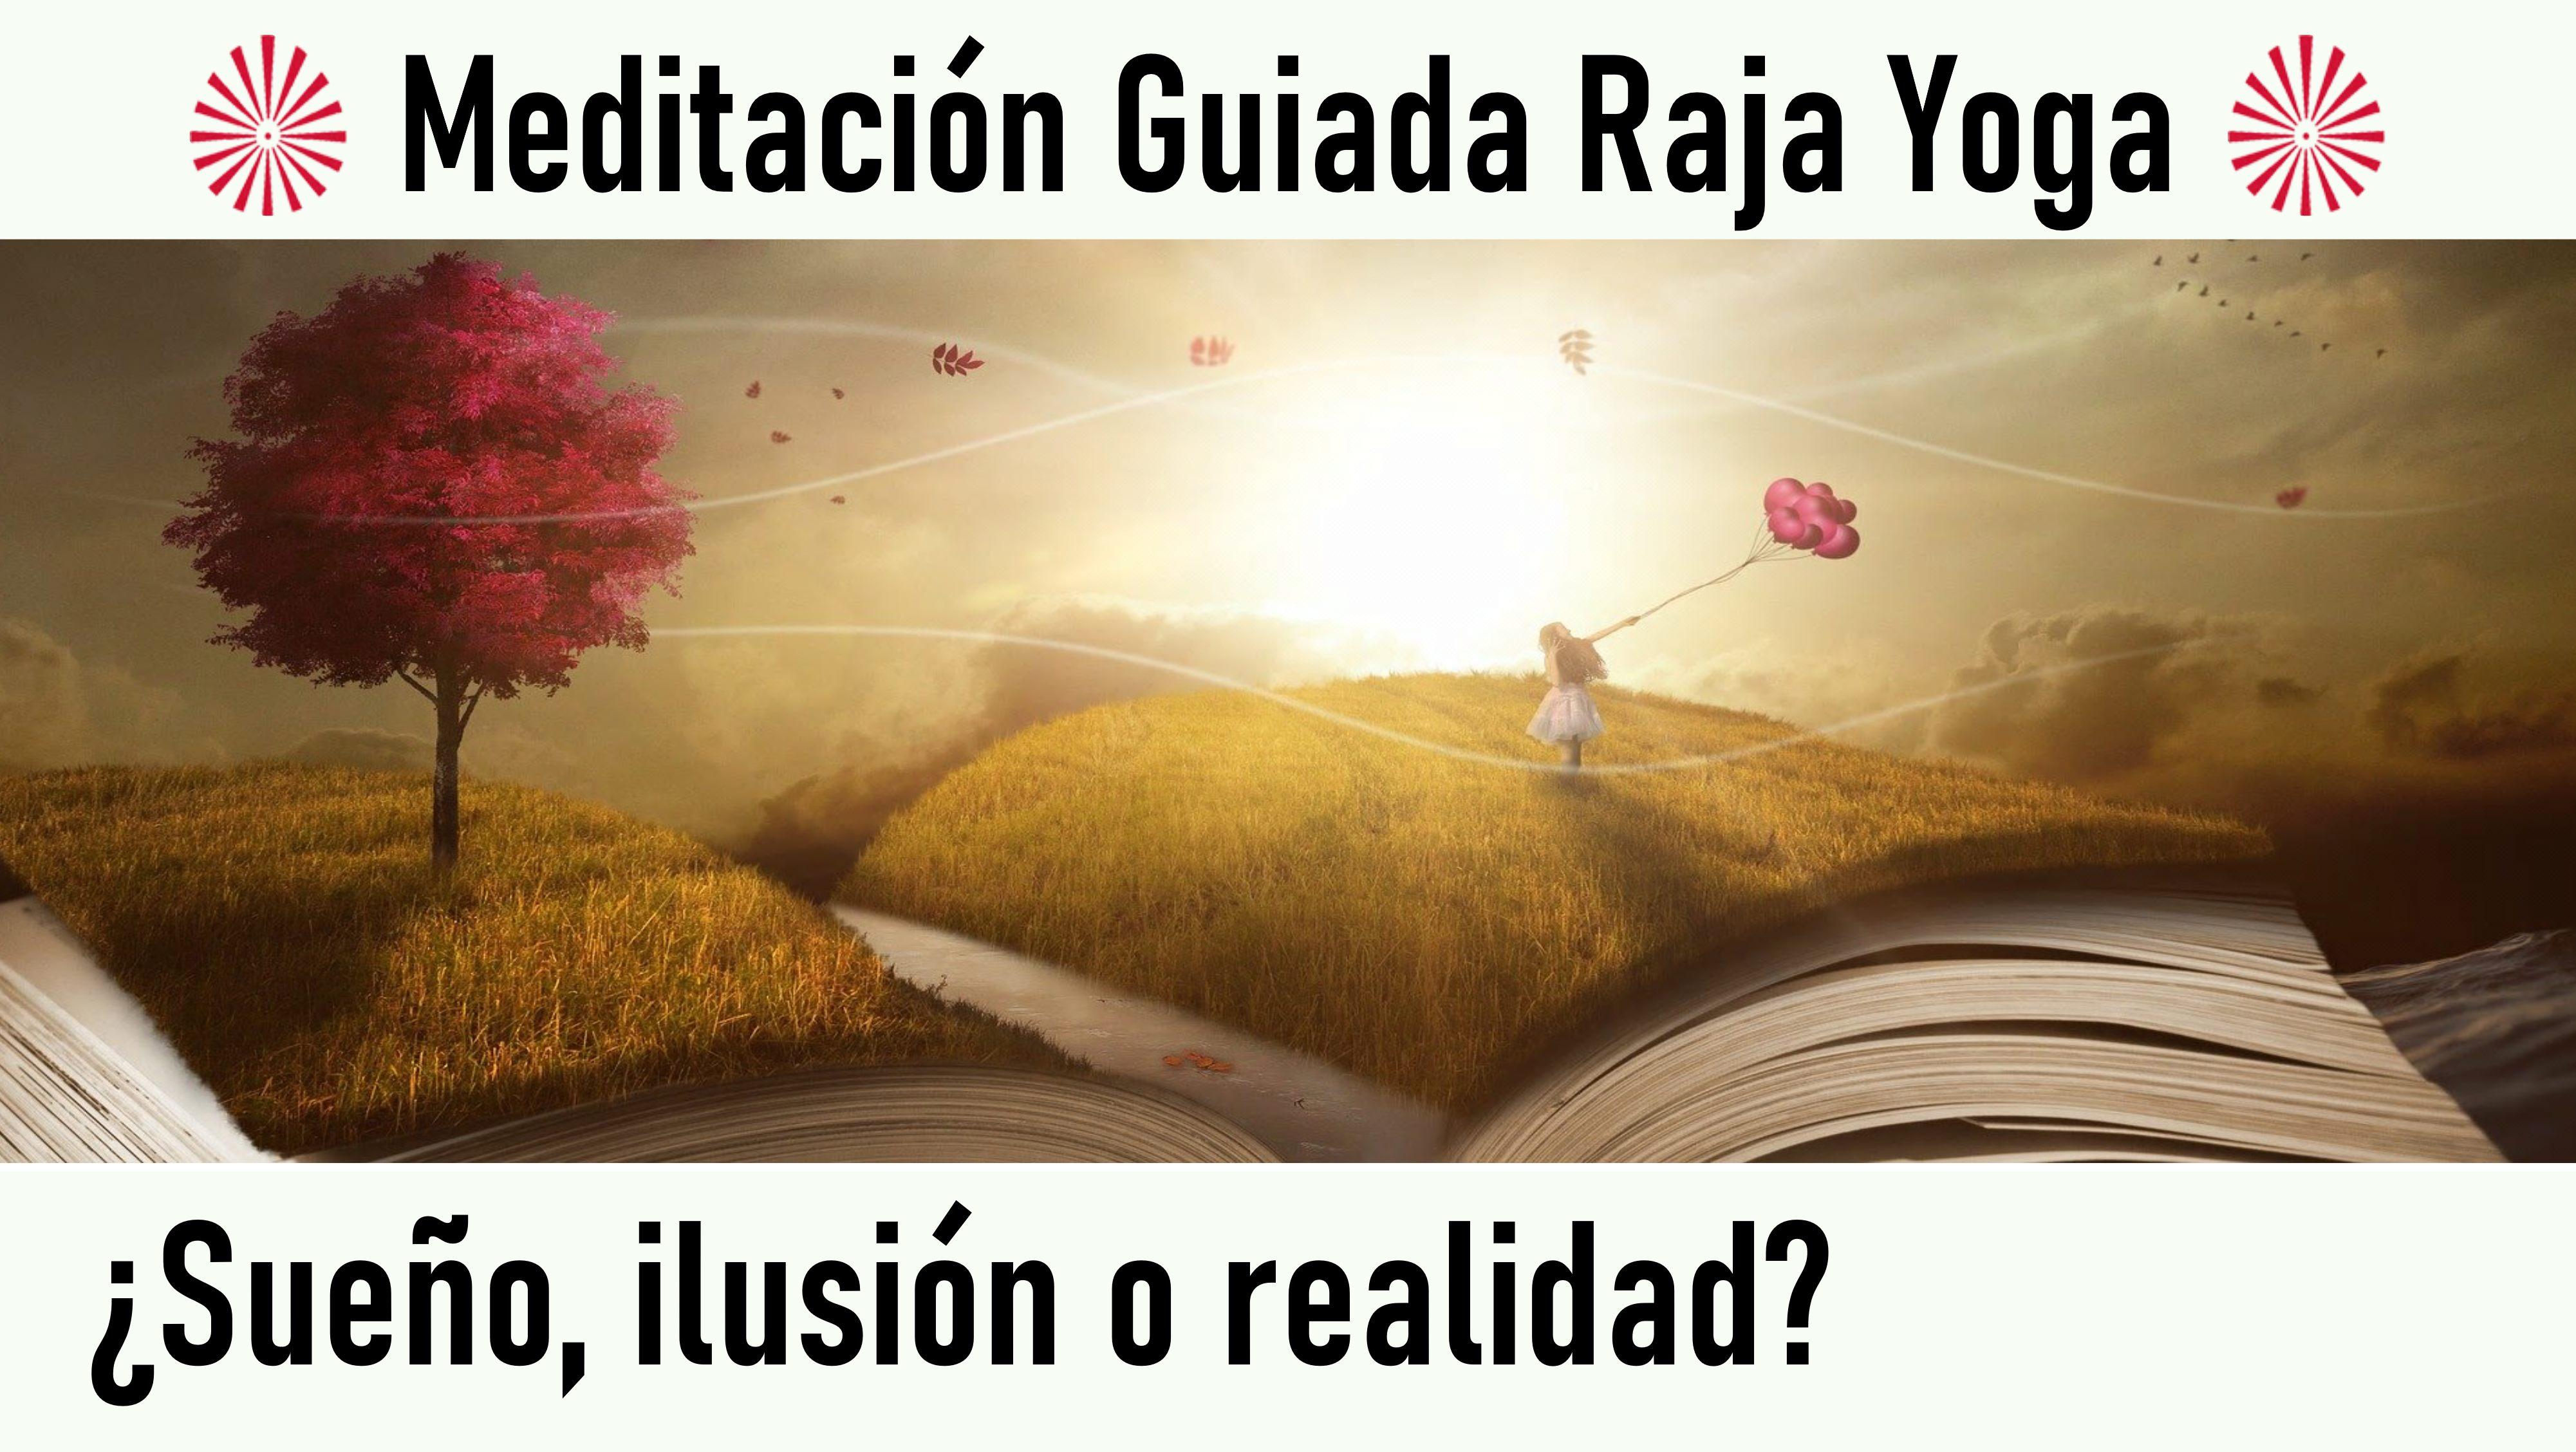 4 Julio 2020 Meditación Guiada: ¿Sueño, ilusión o realidad?